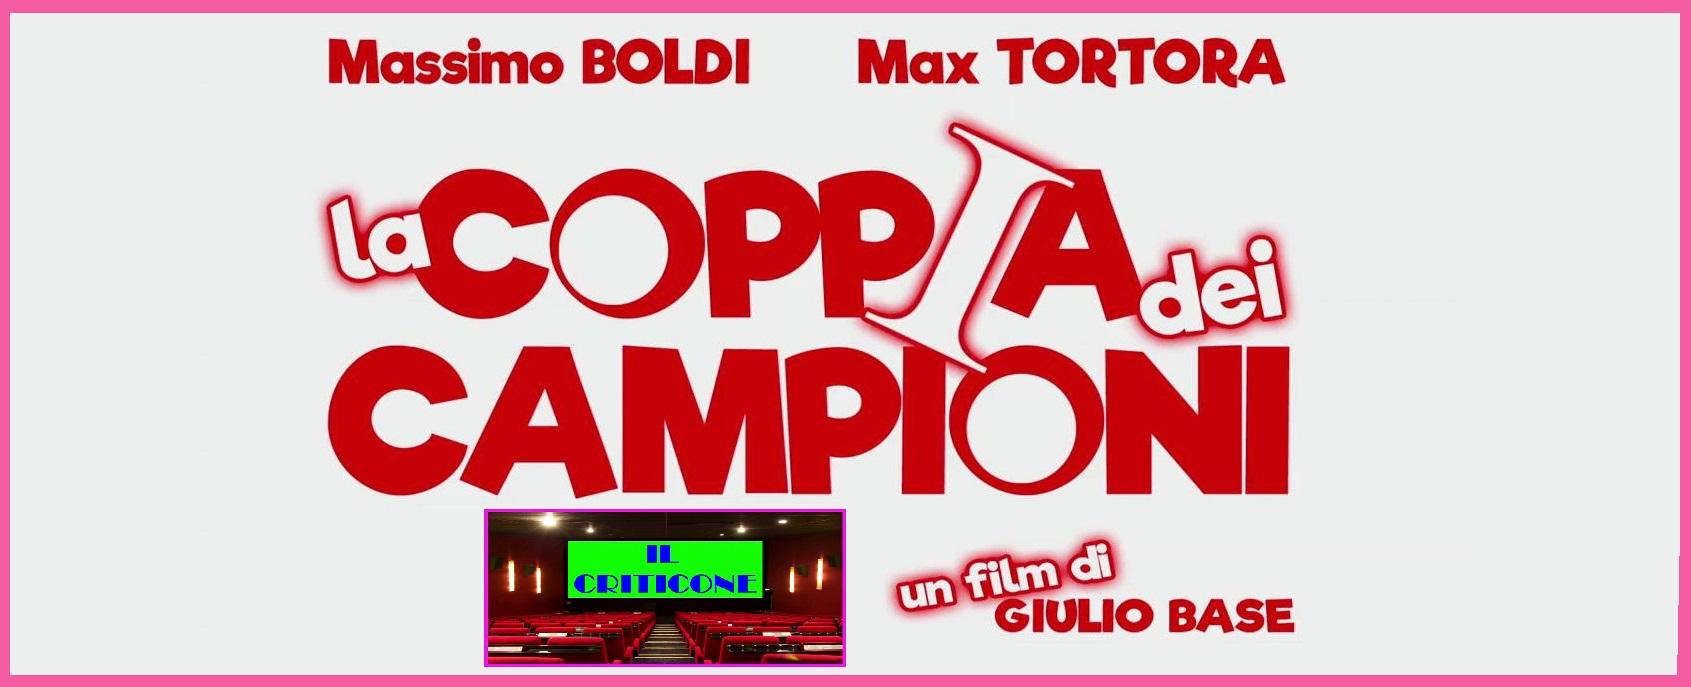 Non solo cinepanettoni. Torna Massimo Boldi in una stagione diversa da quella in cui siamo abituati a vederlo; non siamo infatti sotto Natale e neanche a novembre, ma nel rischioso […]